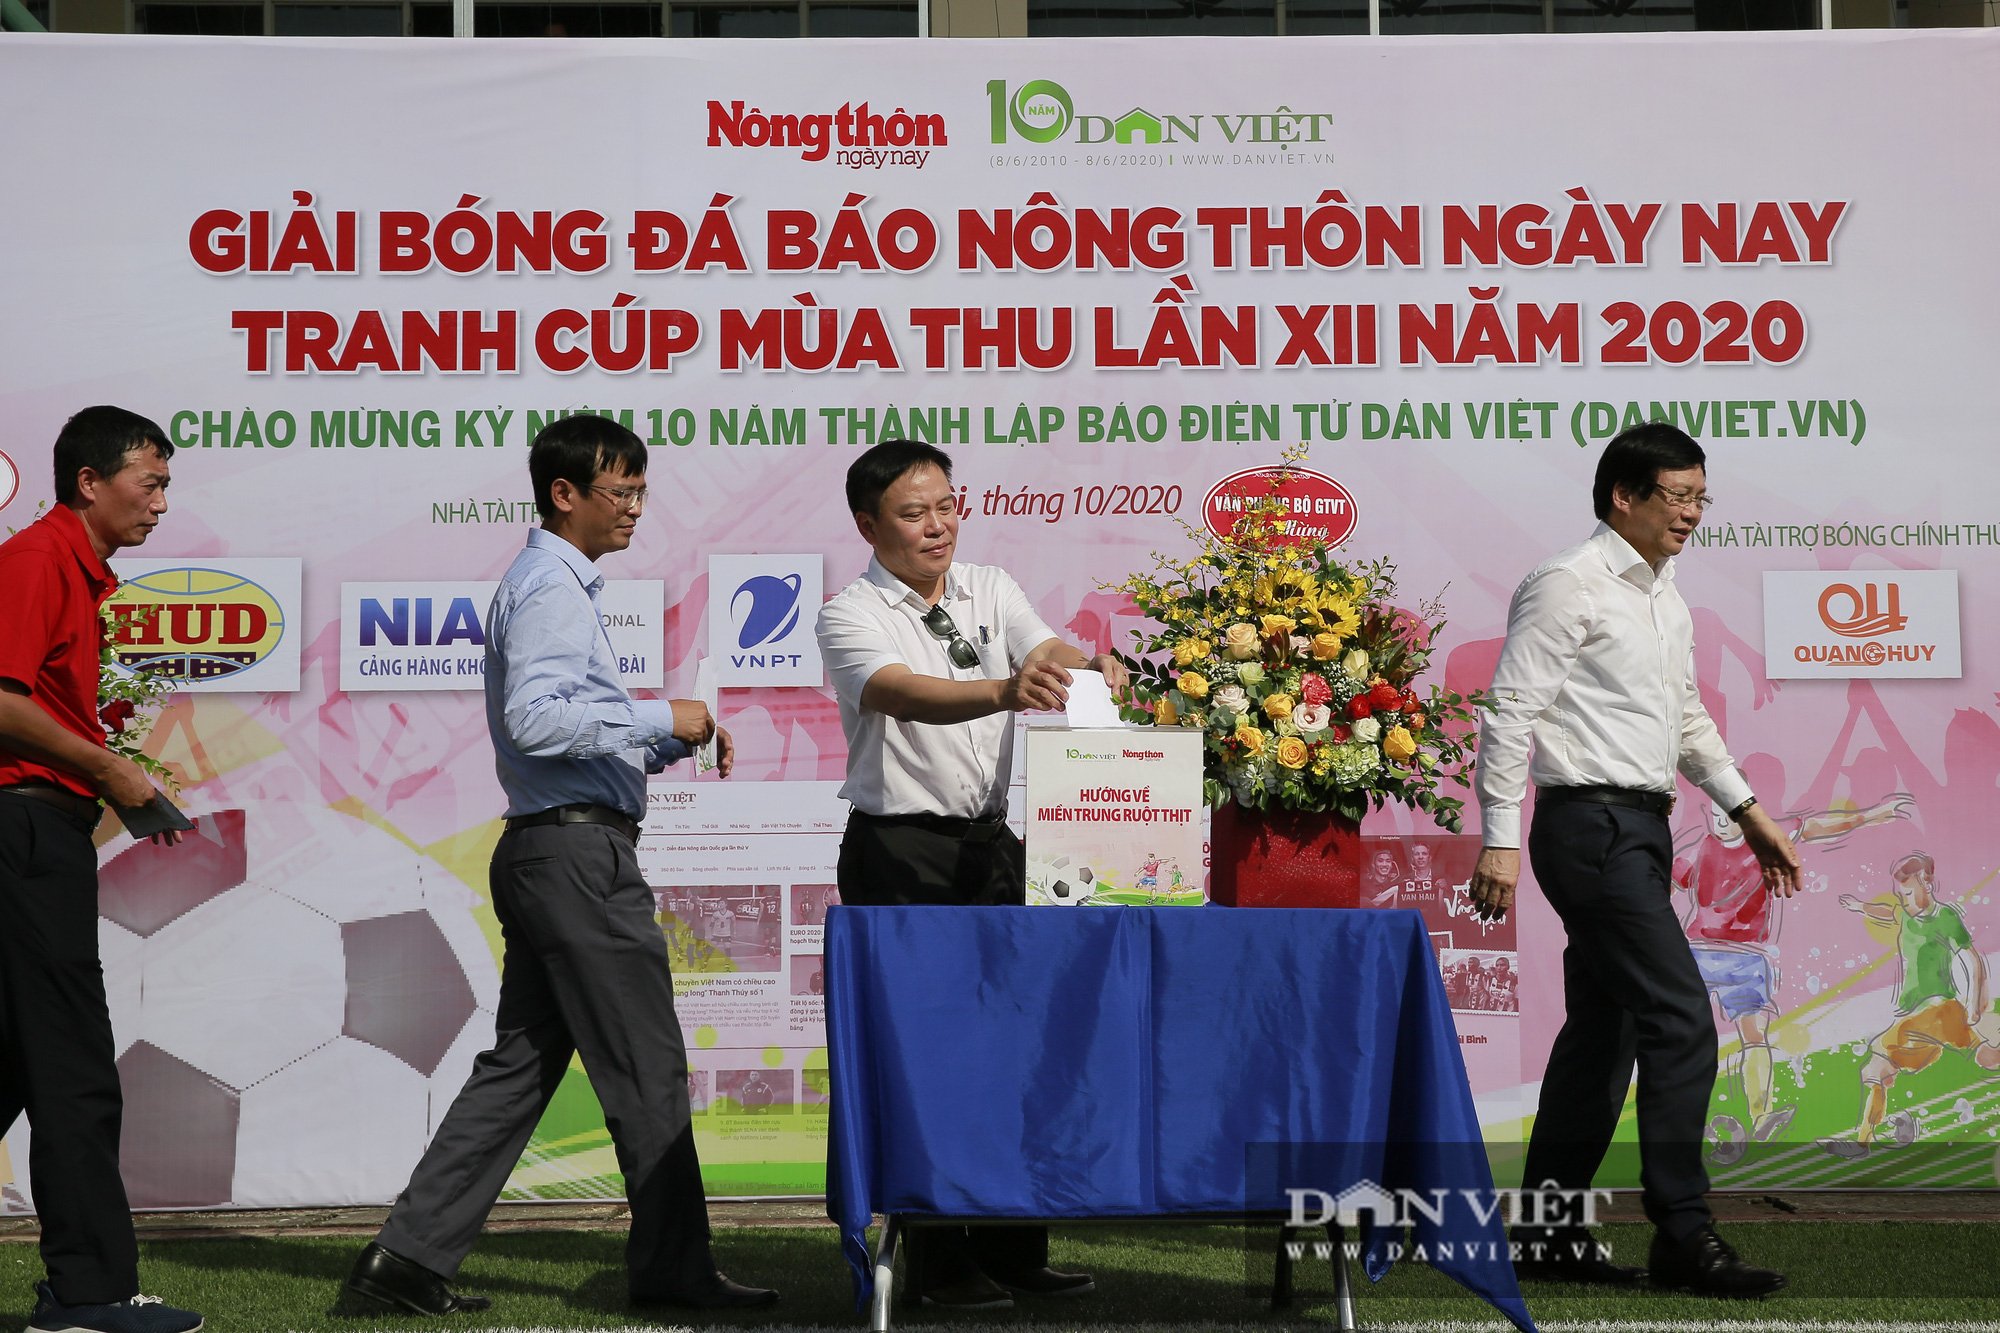 Giải bóng đá báo Nông thôn Ngày nay/Dân Việt lần thứ 12 chính thức khởi tranh - Ảnh 9.